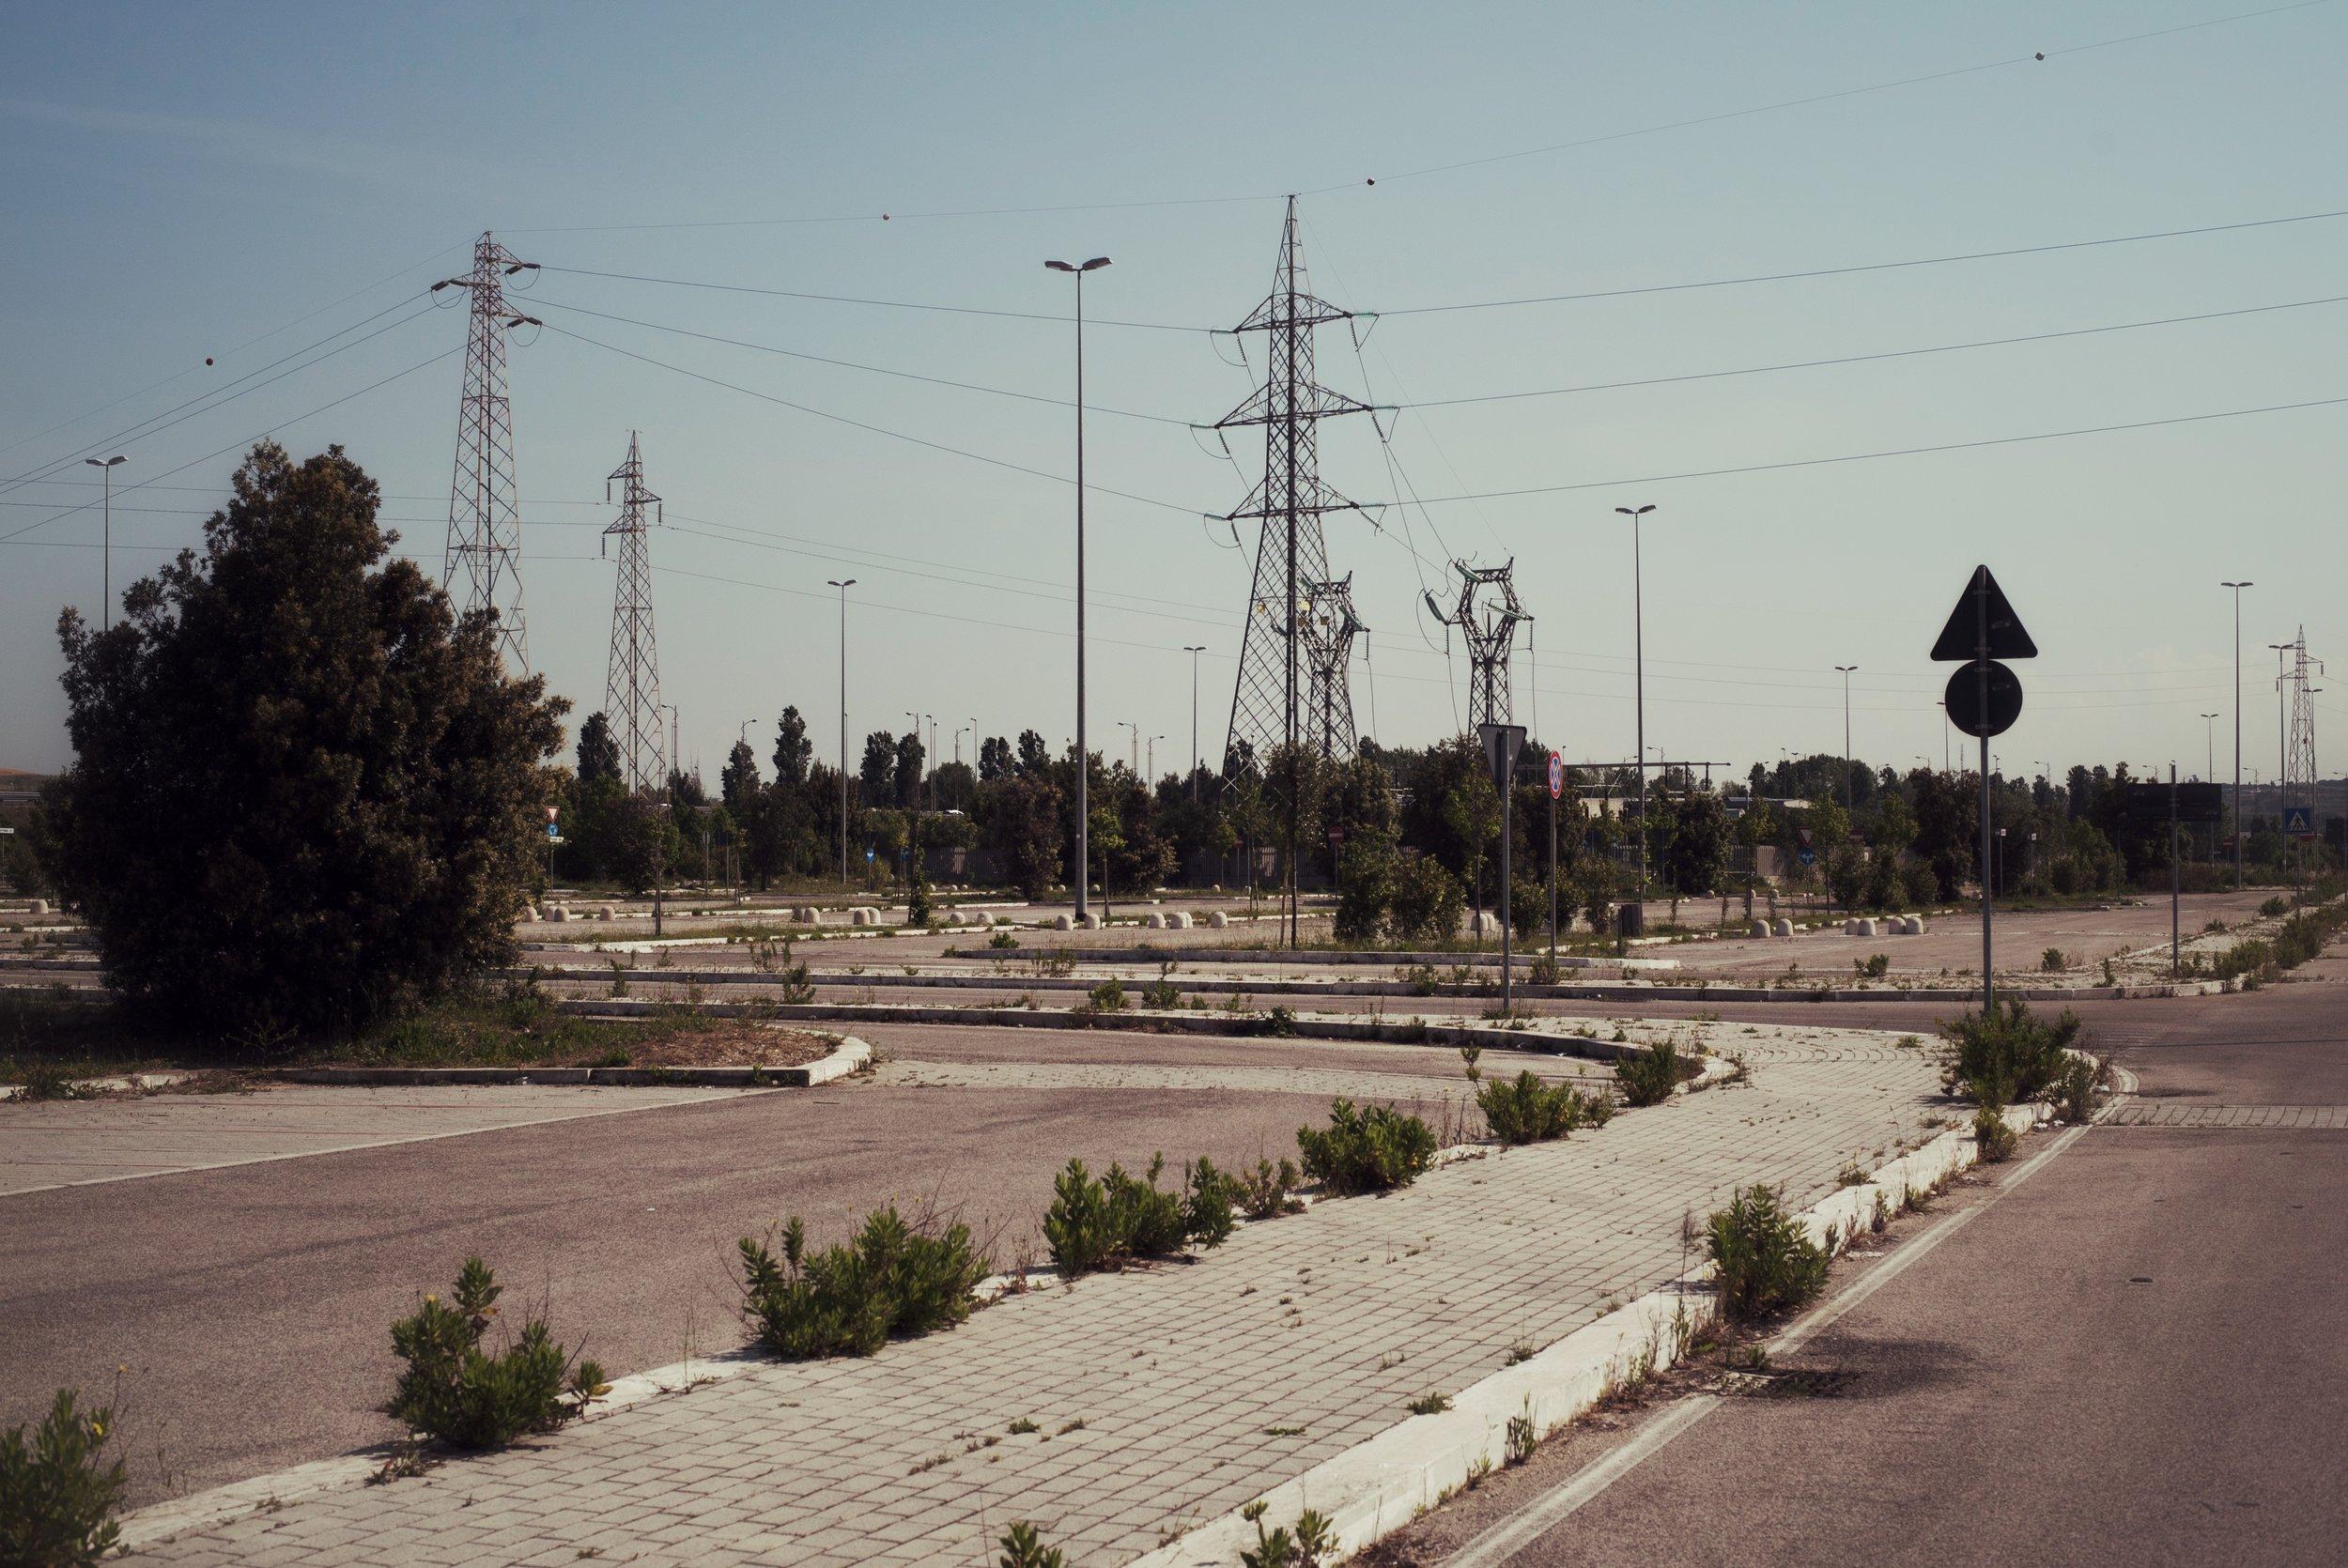 DSC00010_Snapseed.jpg